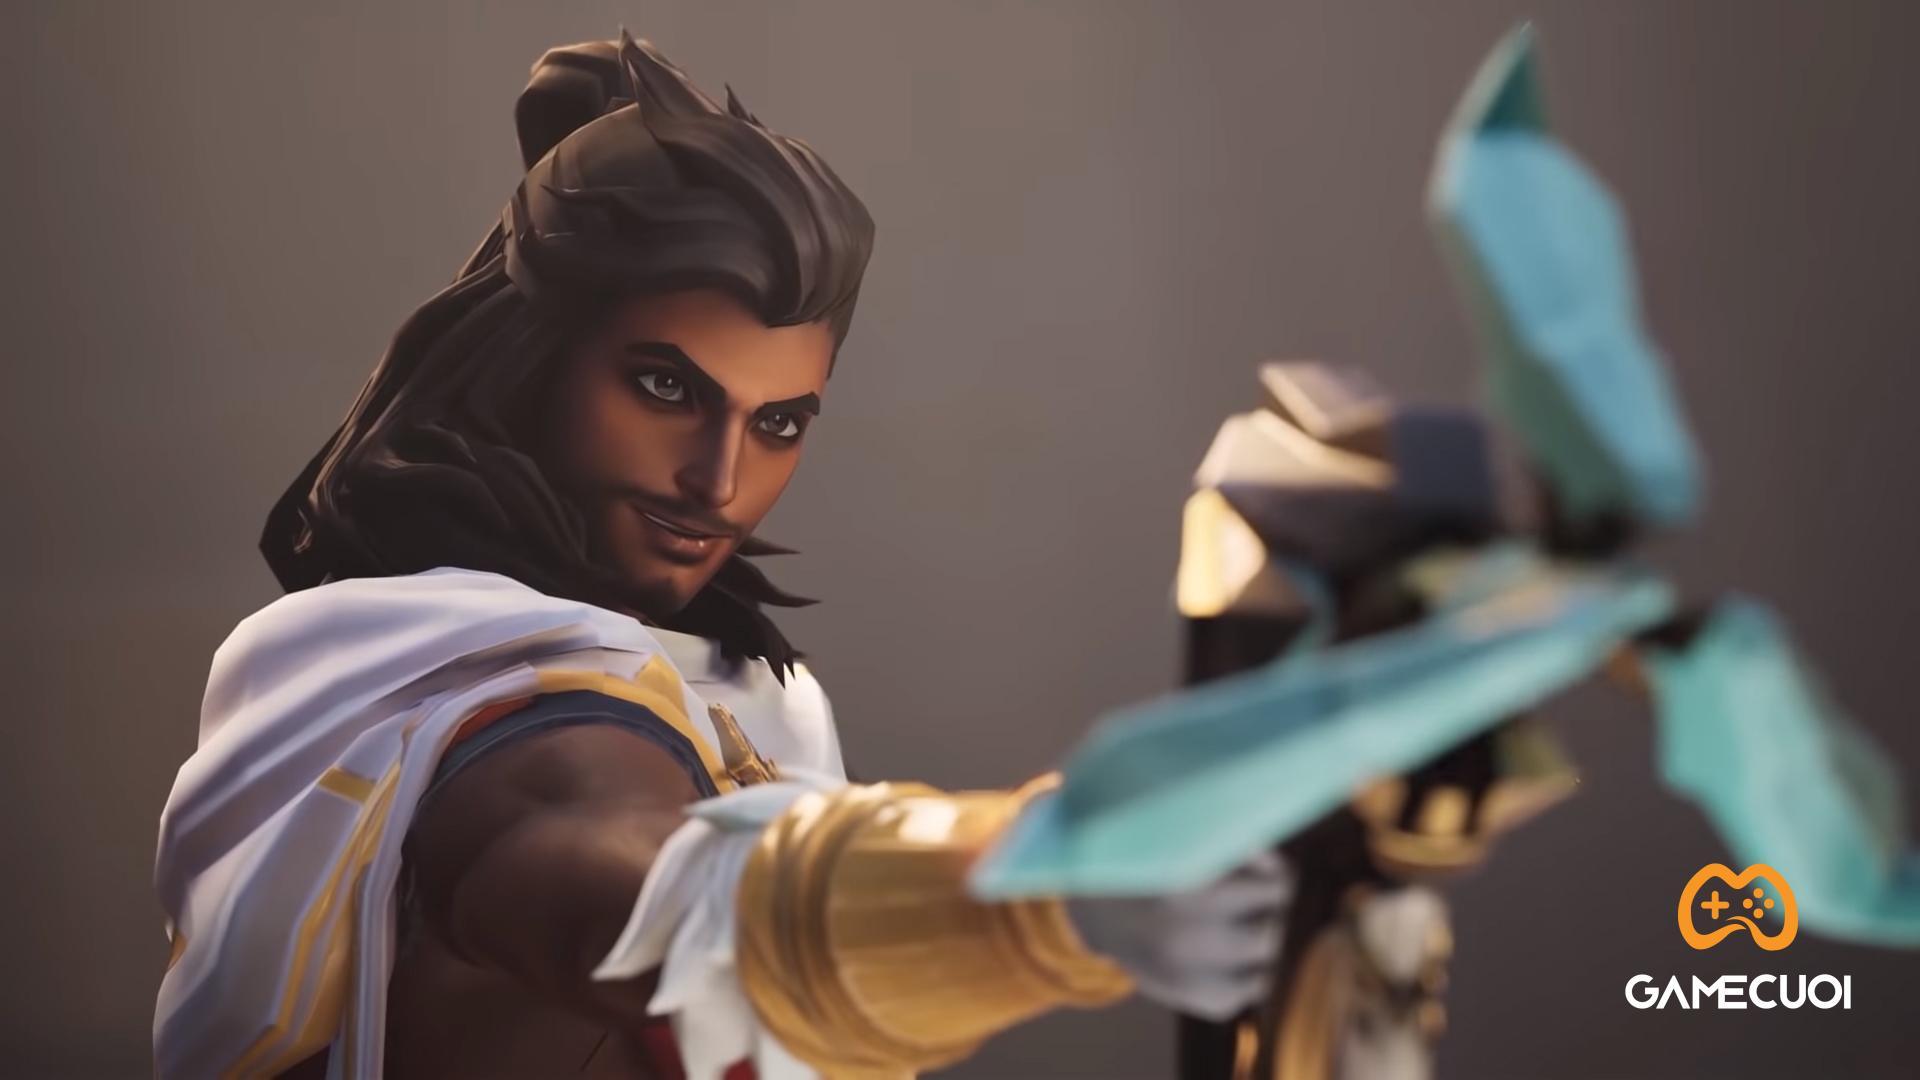 Tướng mới LMHT: Akshan – cơ chế mới, tương tác độc đáo